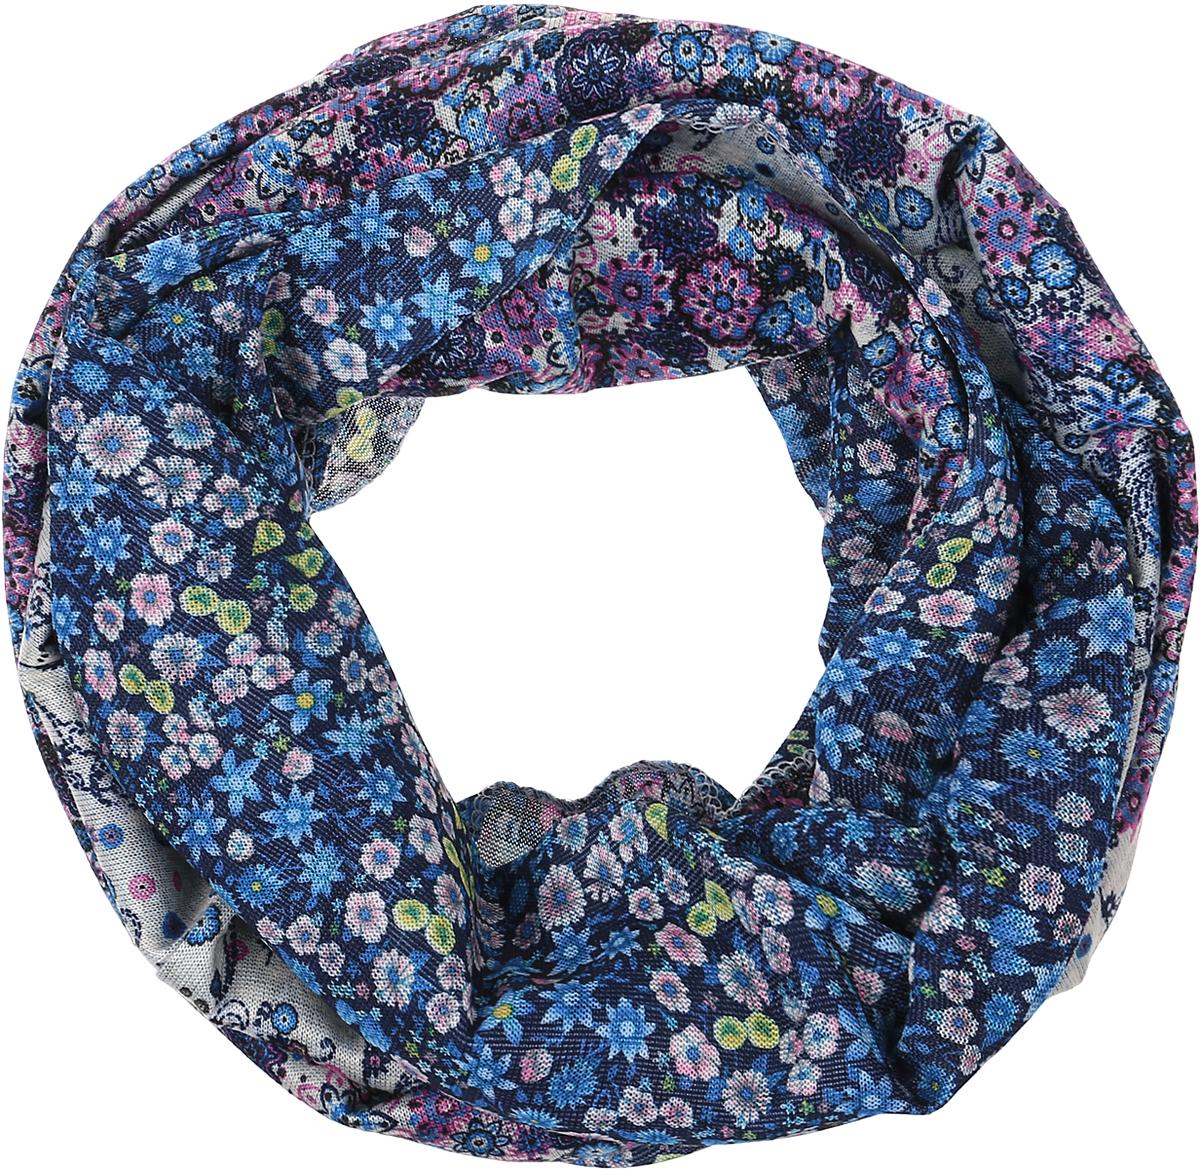 Снуд-хомут женский Vita Pelle, цвет: голубой, сиреневый. Ro01R2359-A4052-1. Размер 45 см х 70 смRo01R2359-A4052-1Легкий снуд-хомут от Vita Pelle выполнен из двустороннего трикотажного полотна и оформлен оригинальным принтом. Кромка обработана оверлоком.